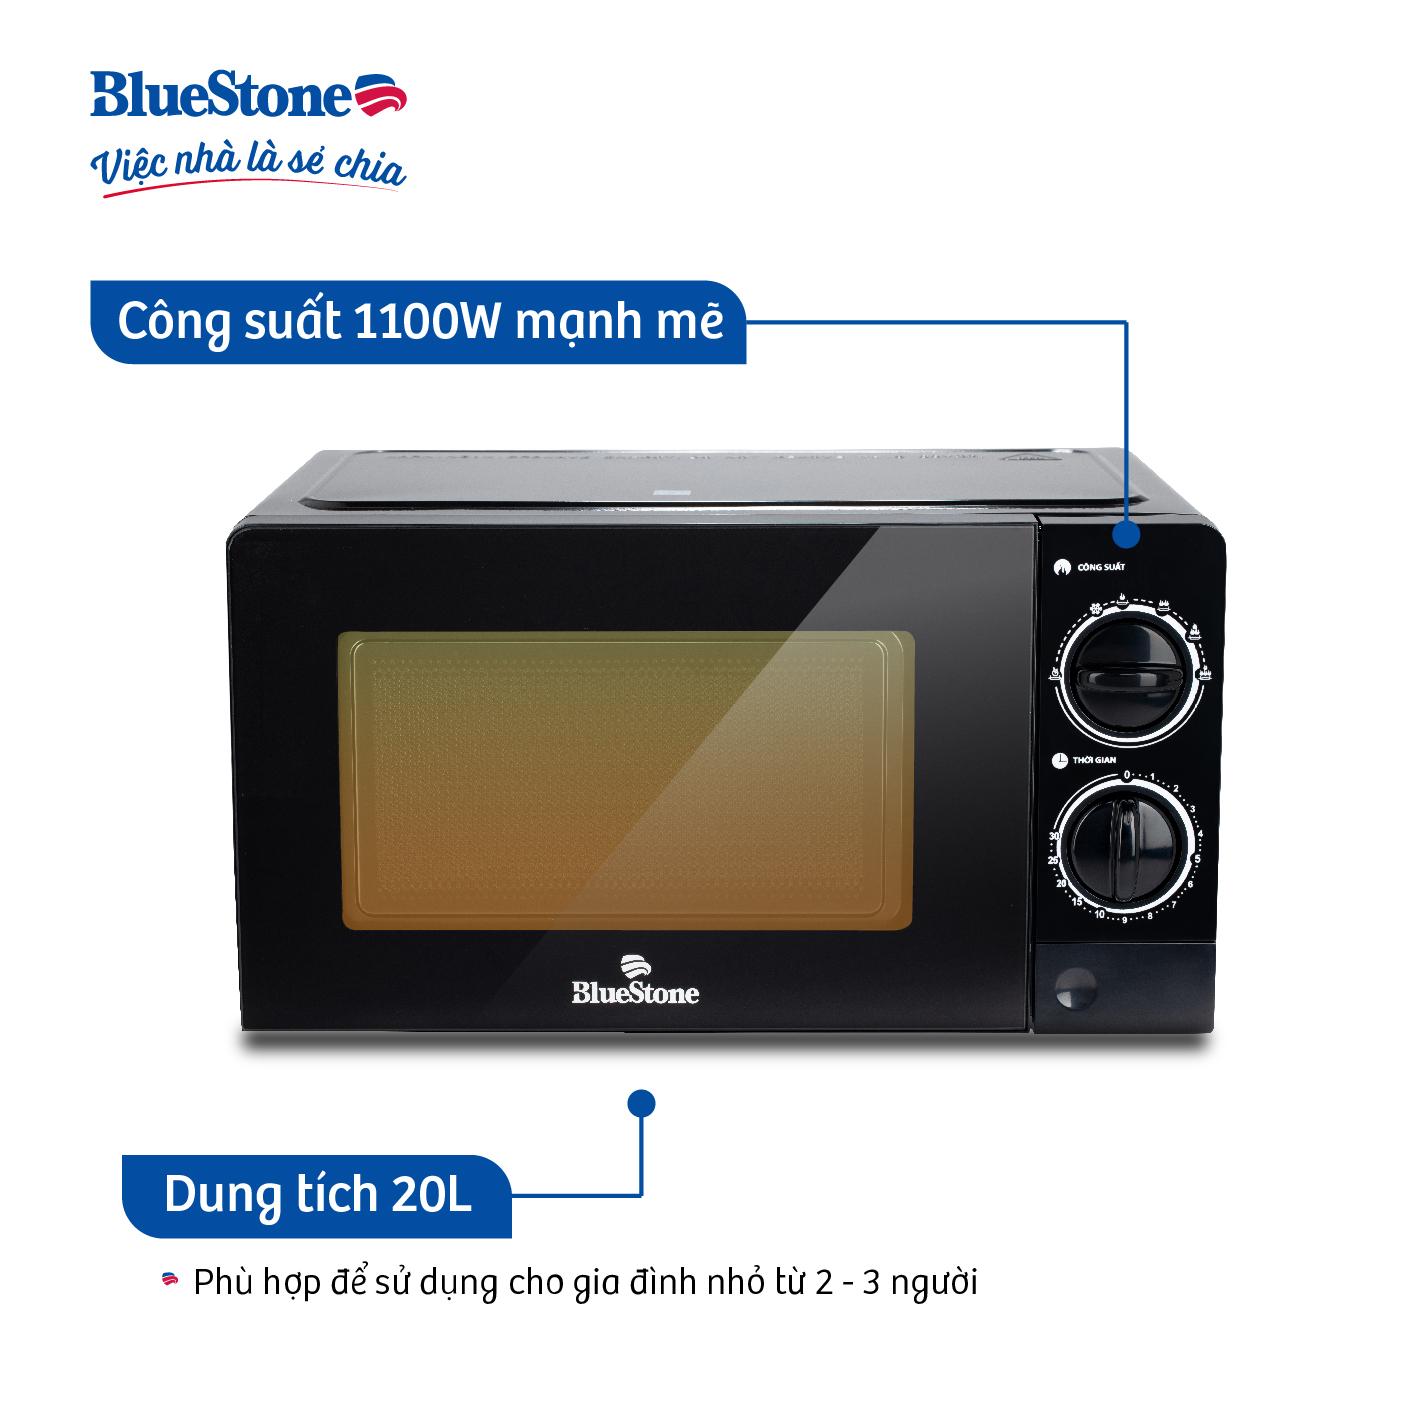 Lò Vi Sóng BlueStone MOB-7707 - Hàng Chính Hãng